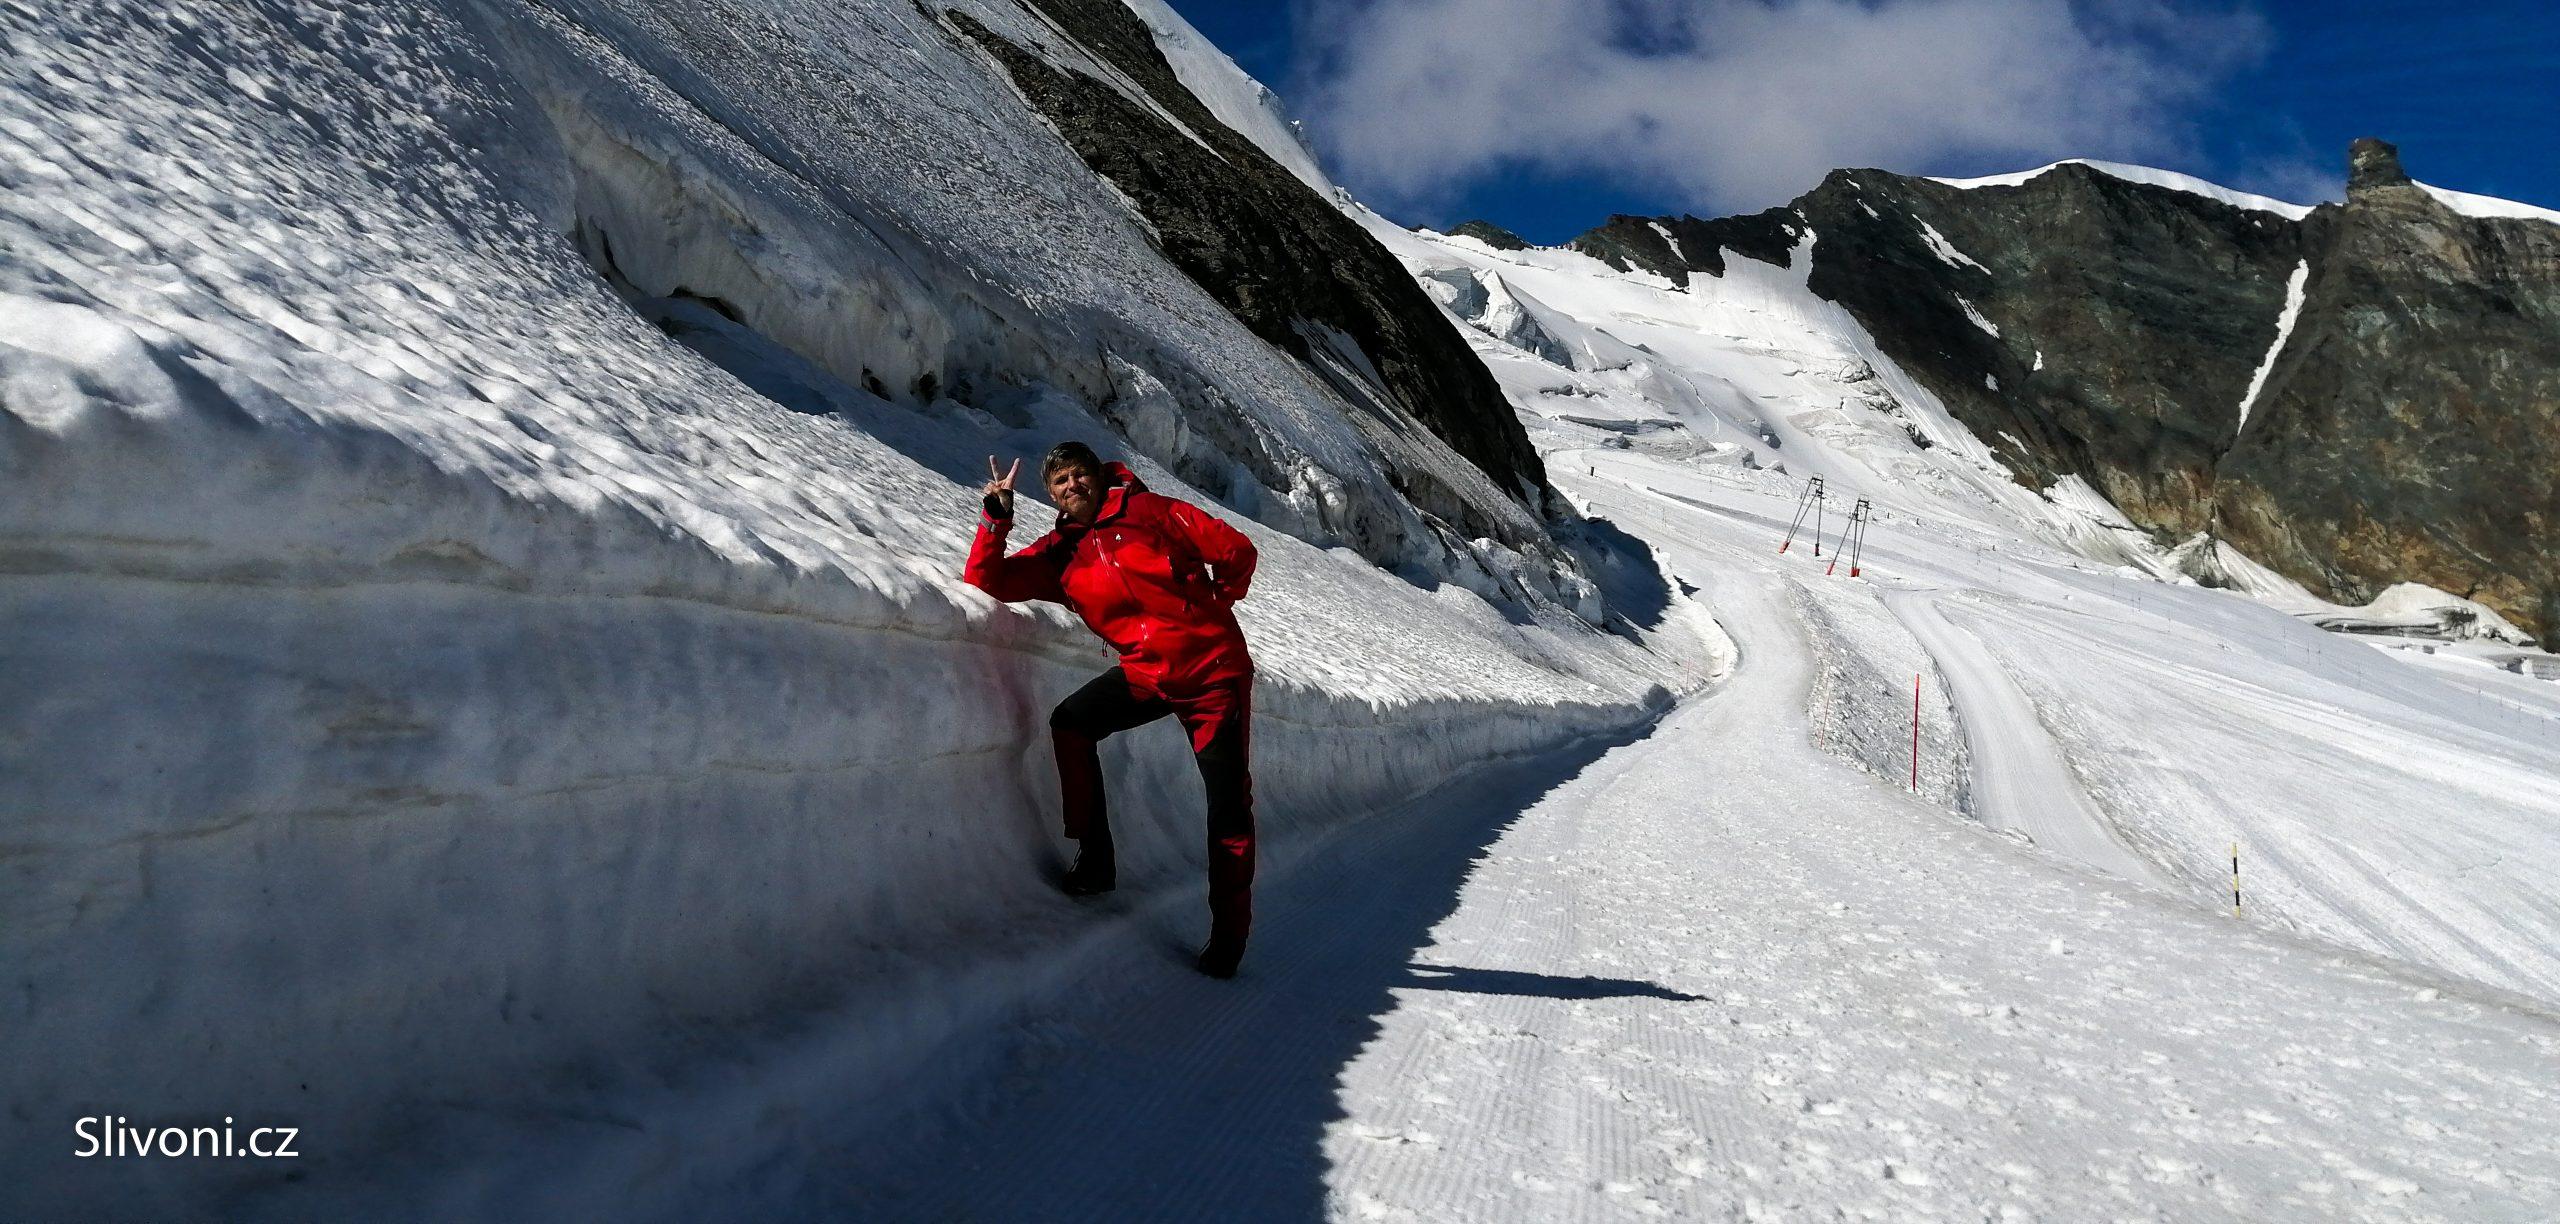 Den 2 – Výjezd na ledovec